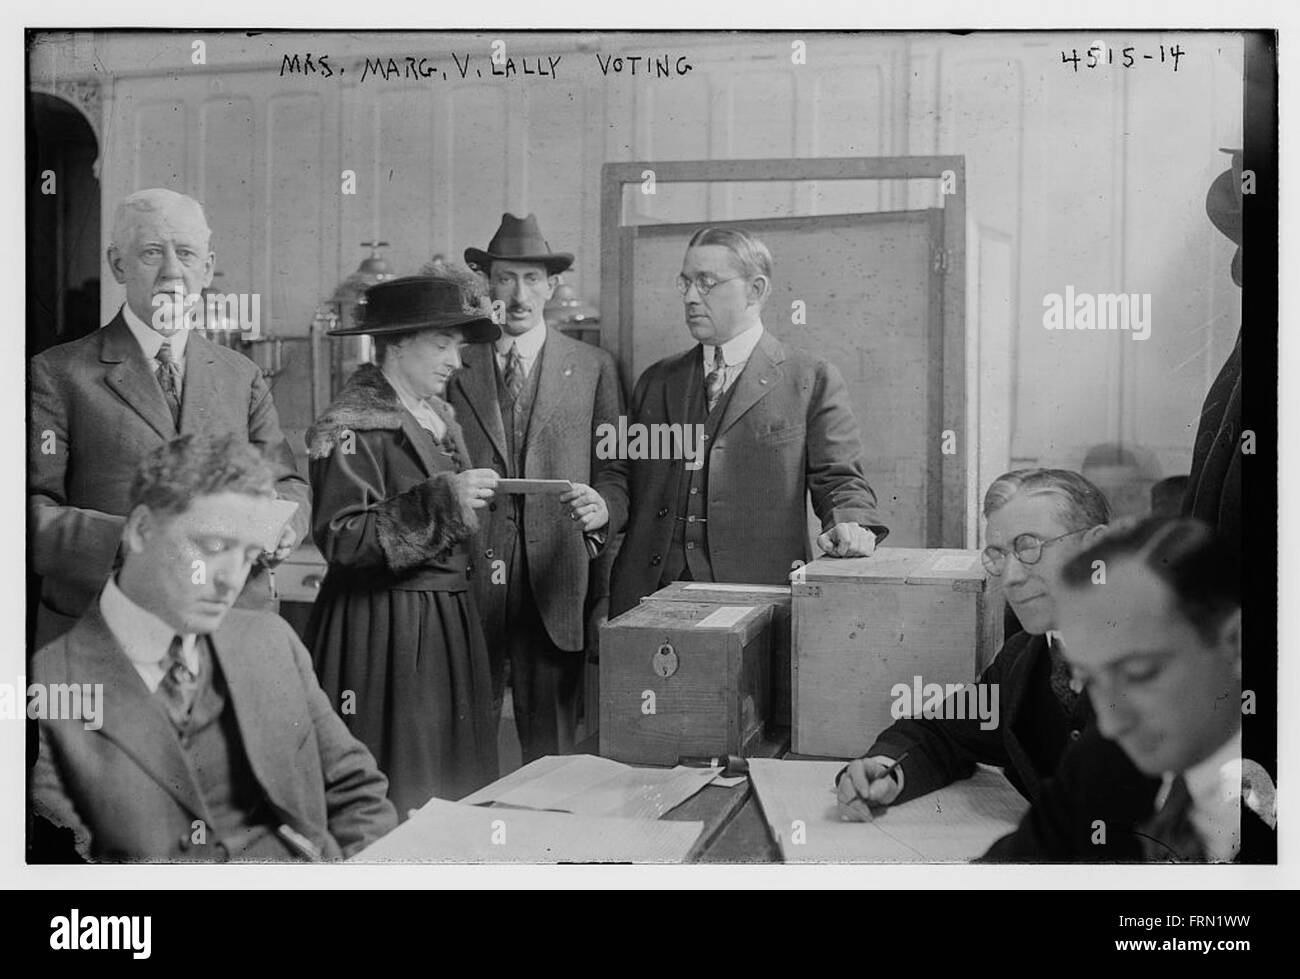 Mrs Marg V Lally voting - Stock Image